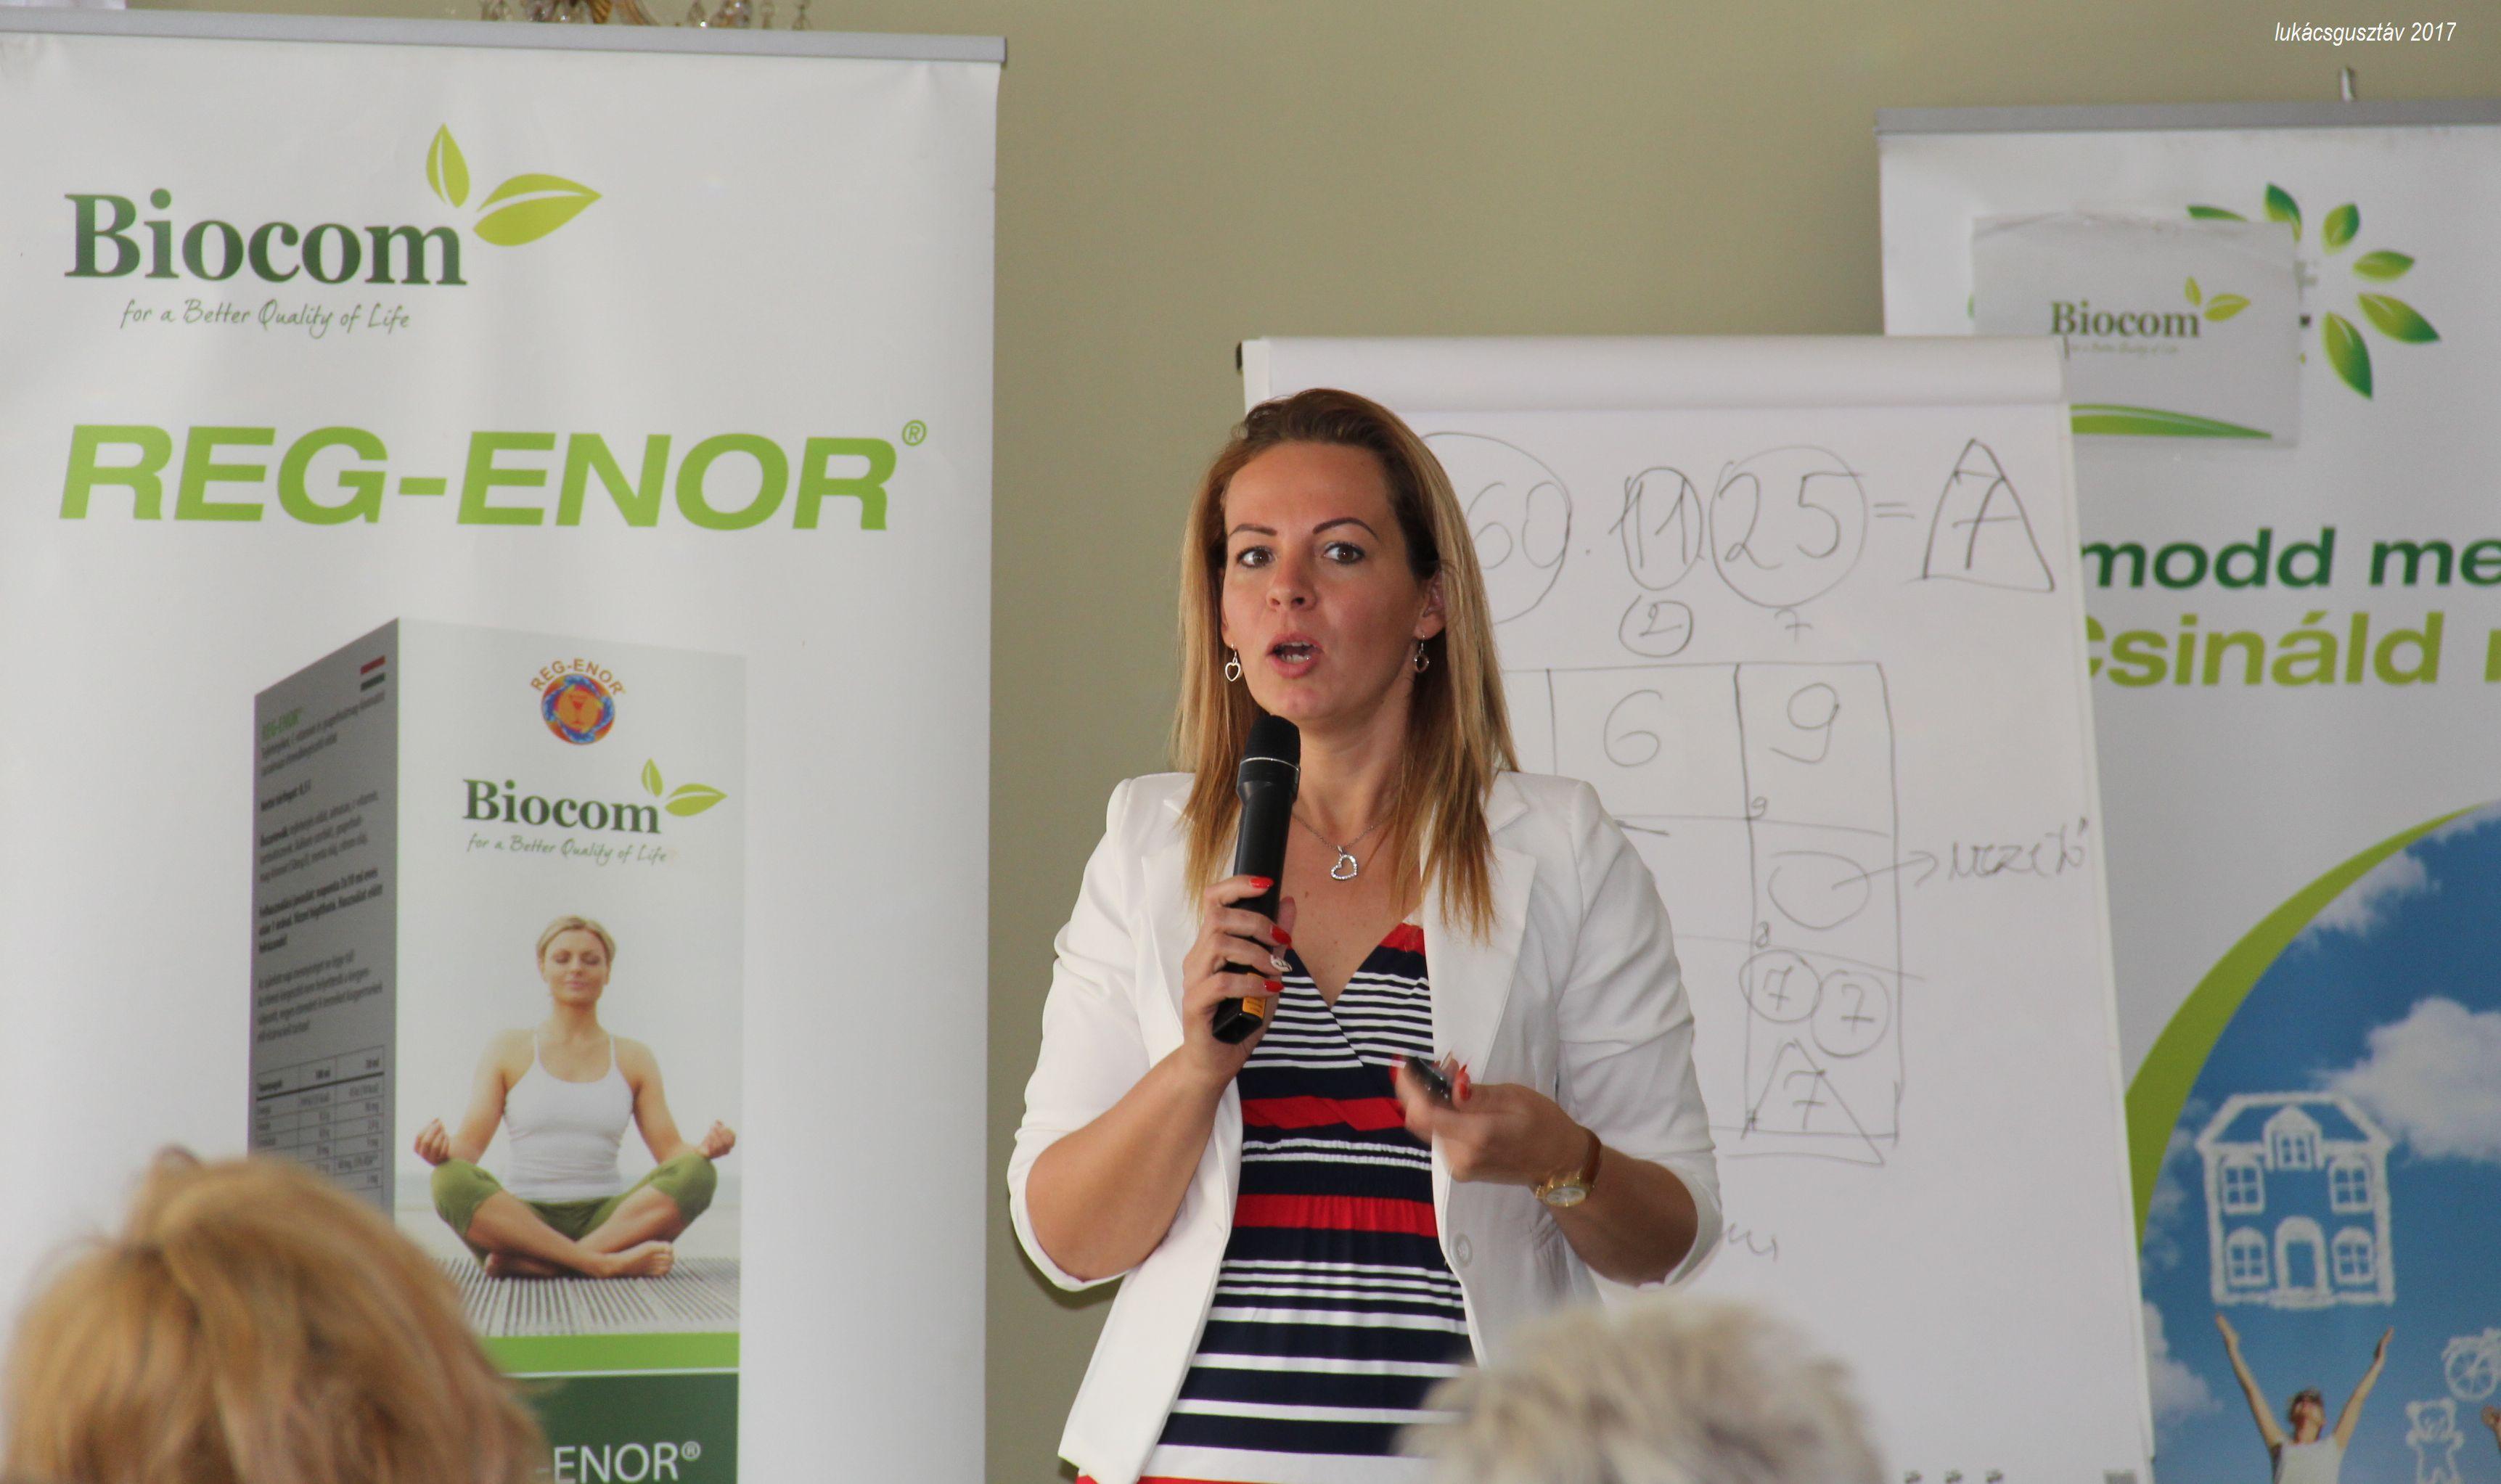 Komporday Annamária a kulcsemberségről tartott gyakorlati előadást